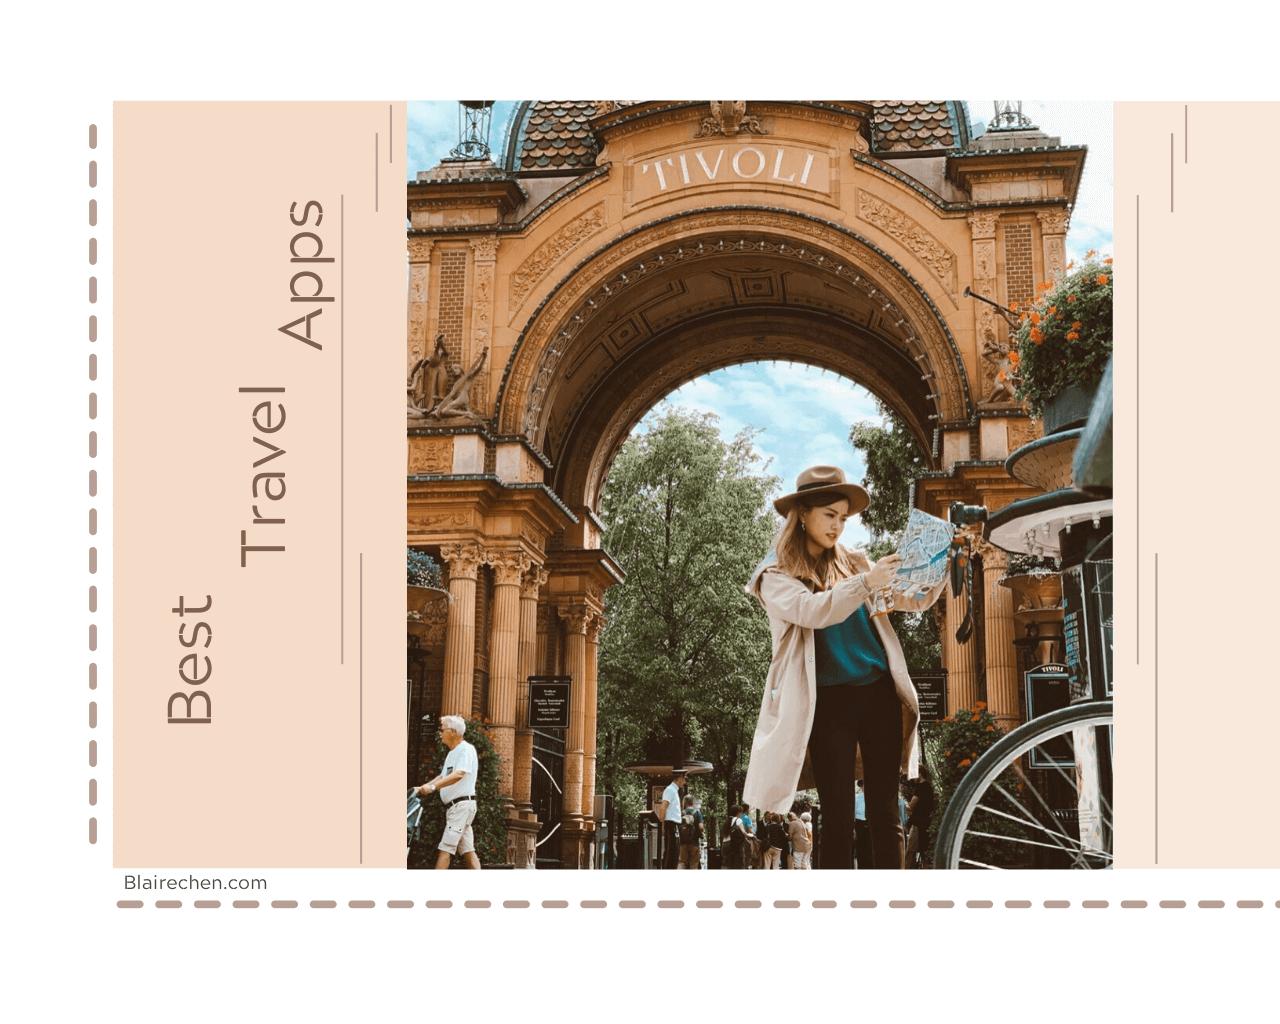 旅遊APP推薦|出國旅行必備實用APP,神助攻你的自由行,擁有它一切輕鬆搞定!